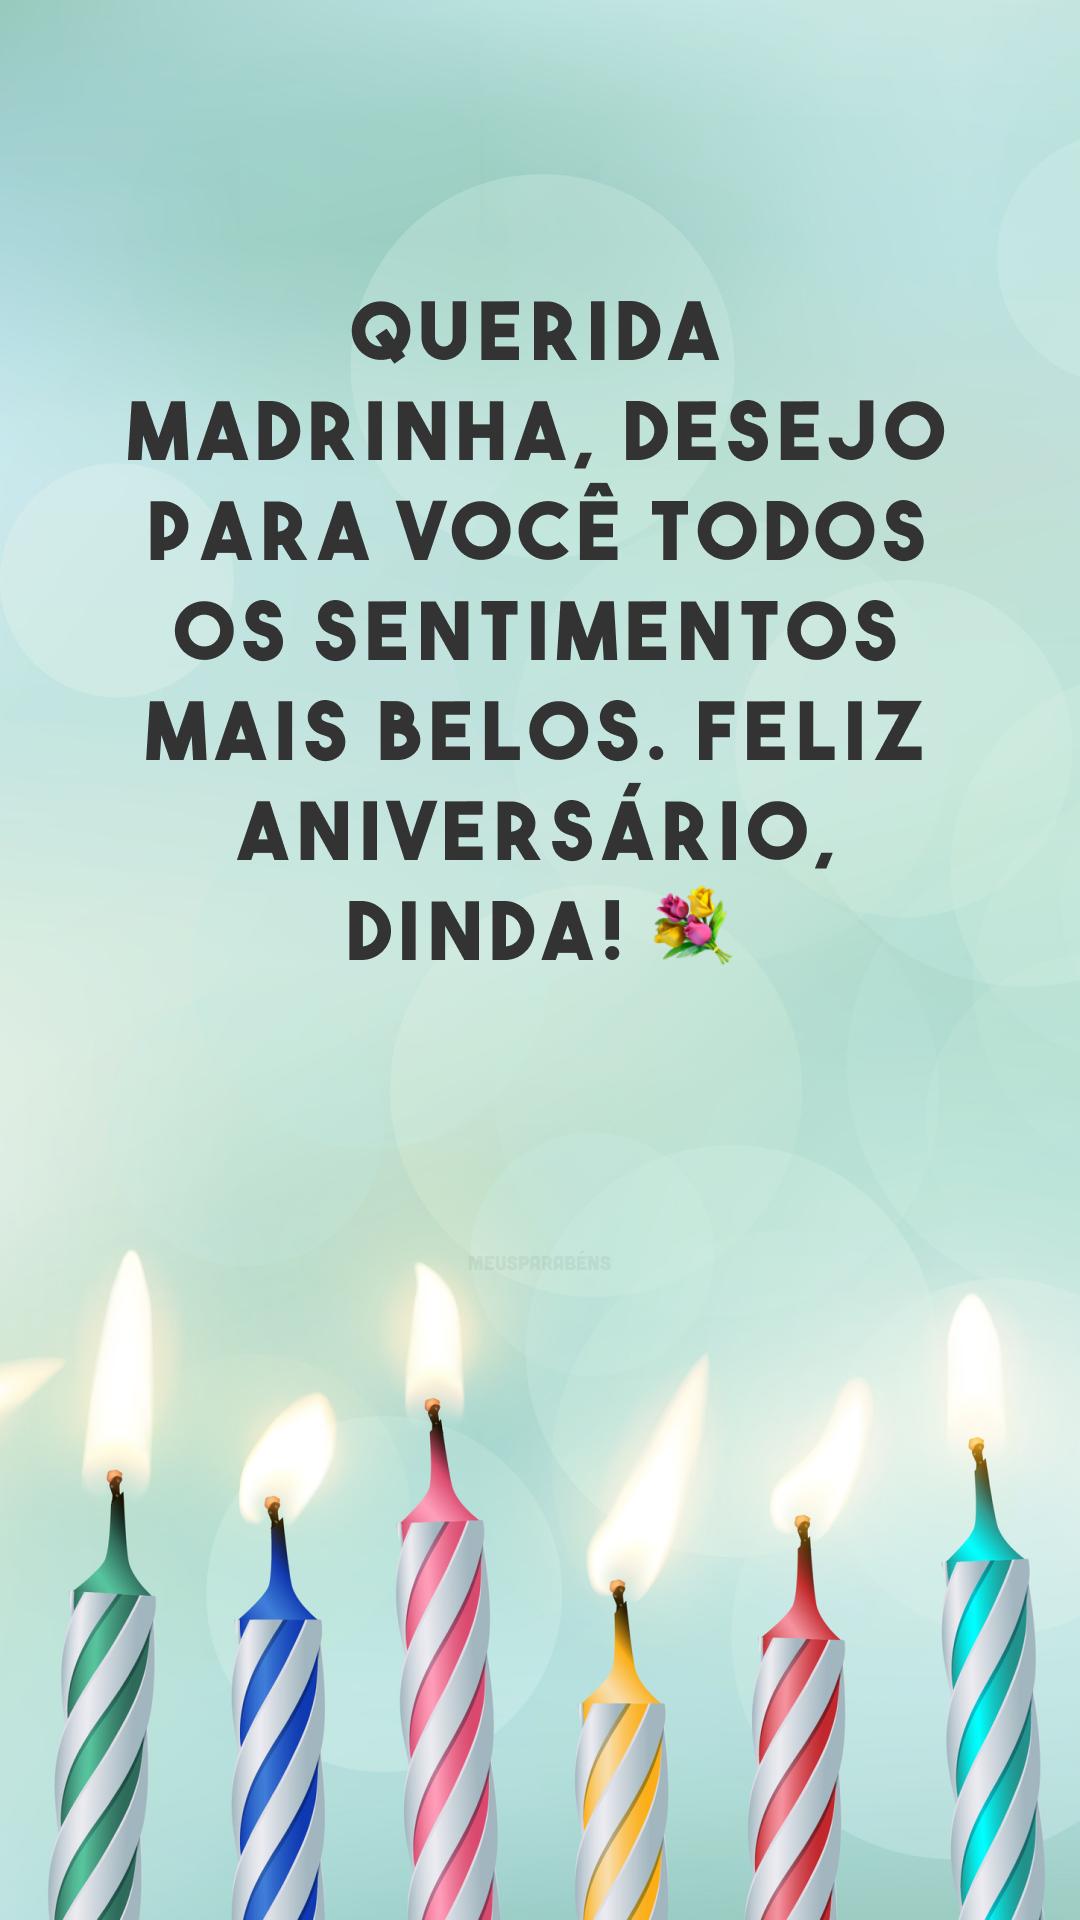 Querida madrinha, desejo para você todos os sentimentos mais belos. Feliz aniversário, dinda! 💐